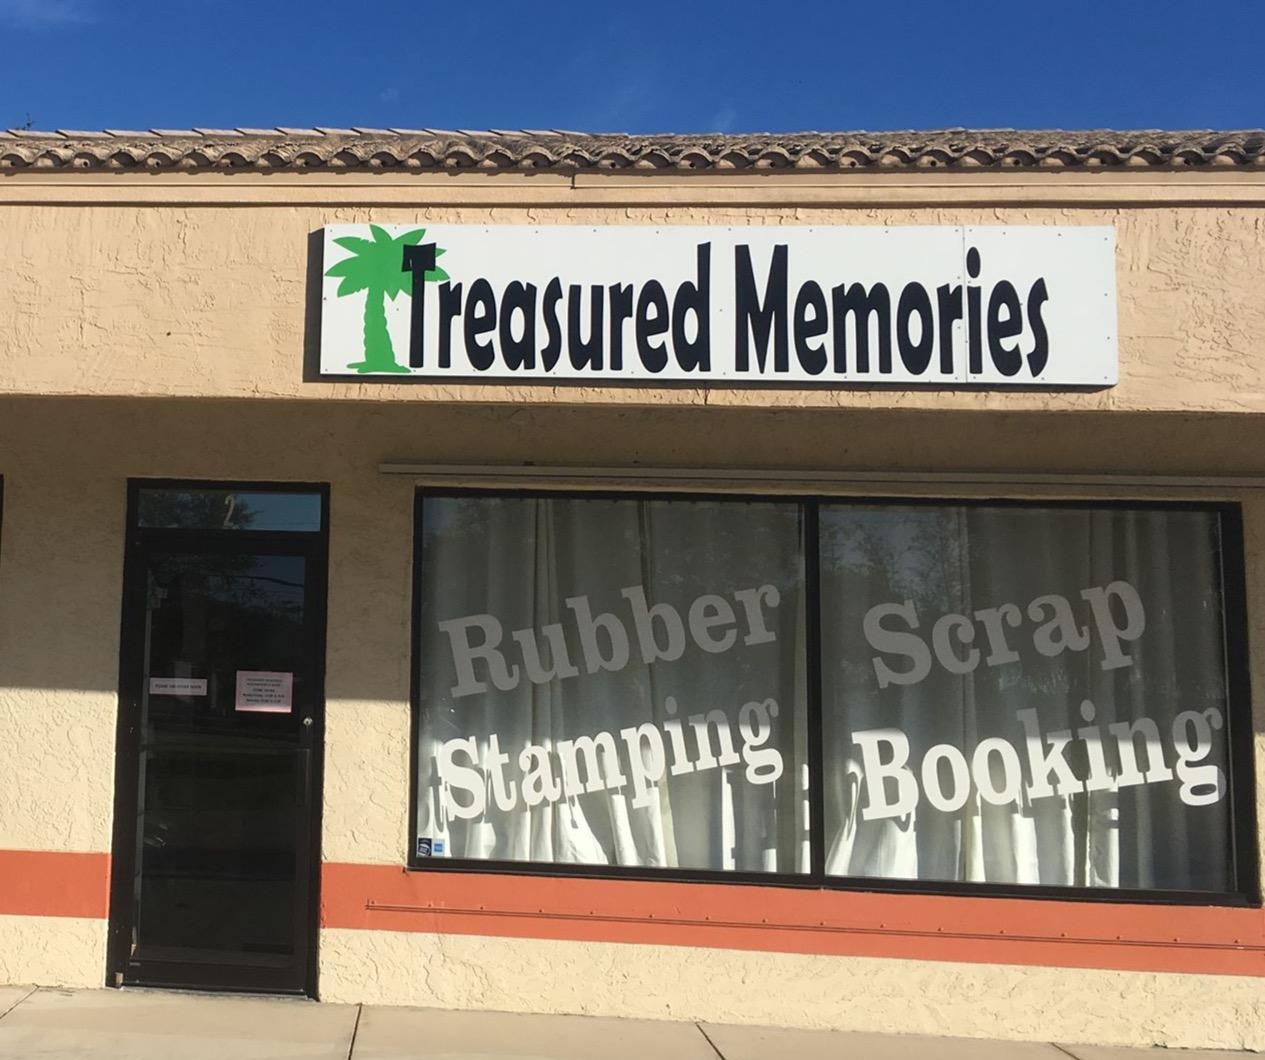 Treasured Memories Scrapbooks and More